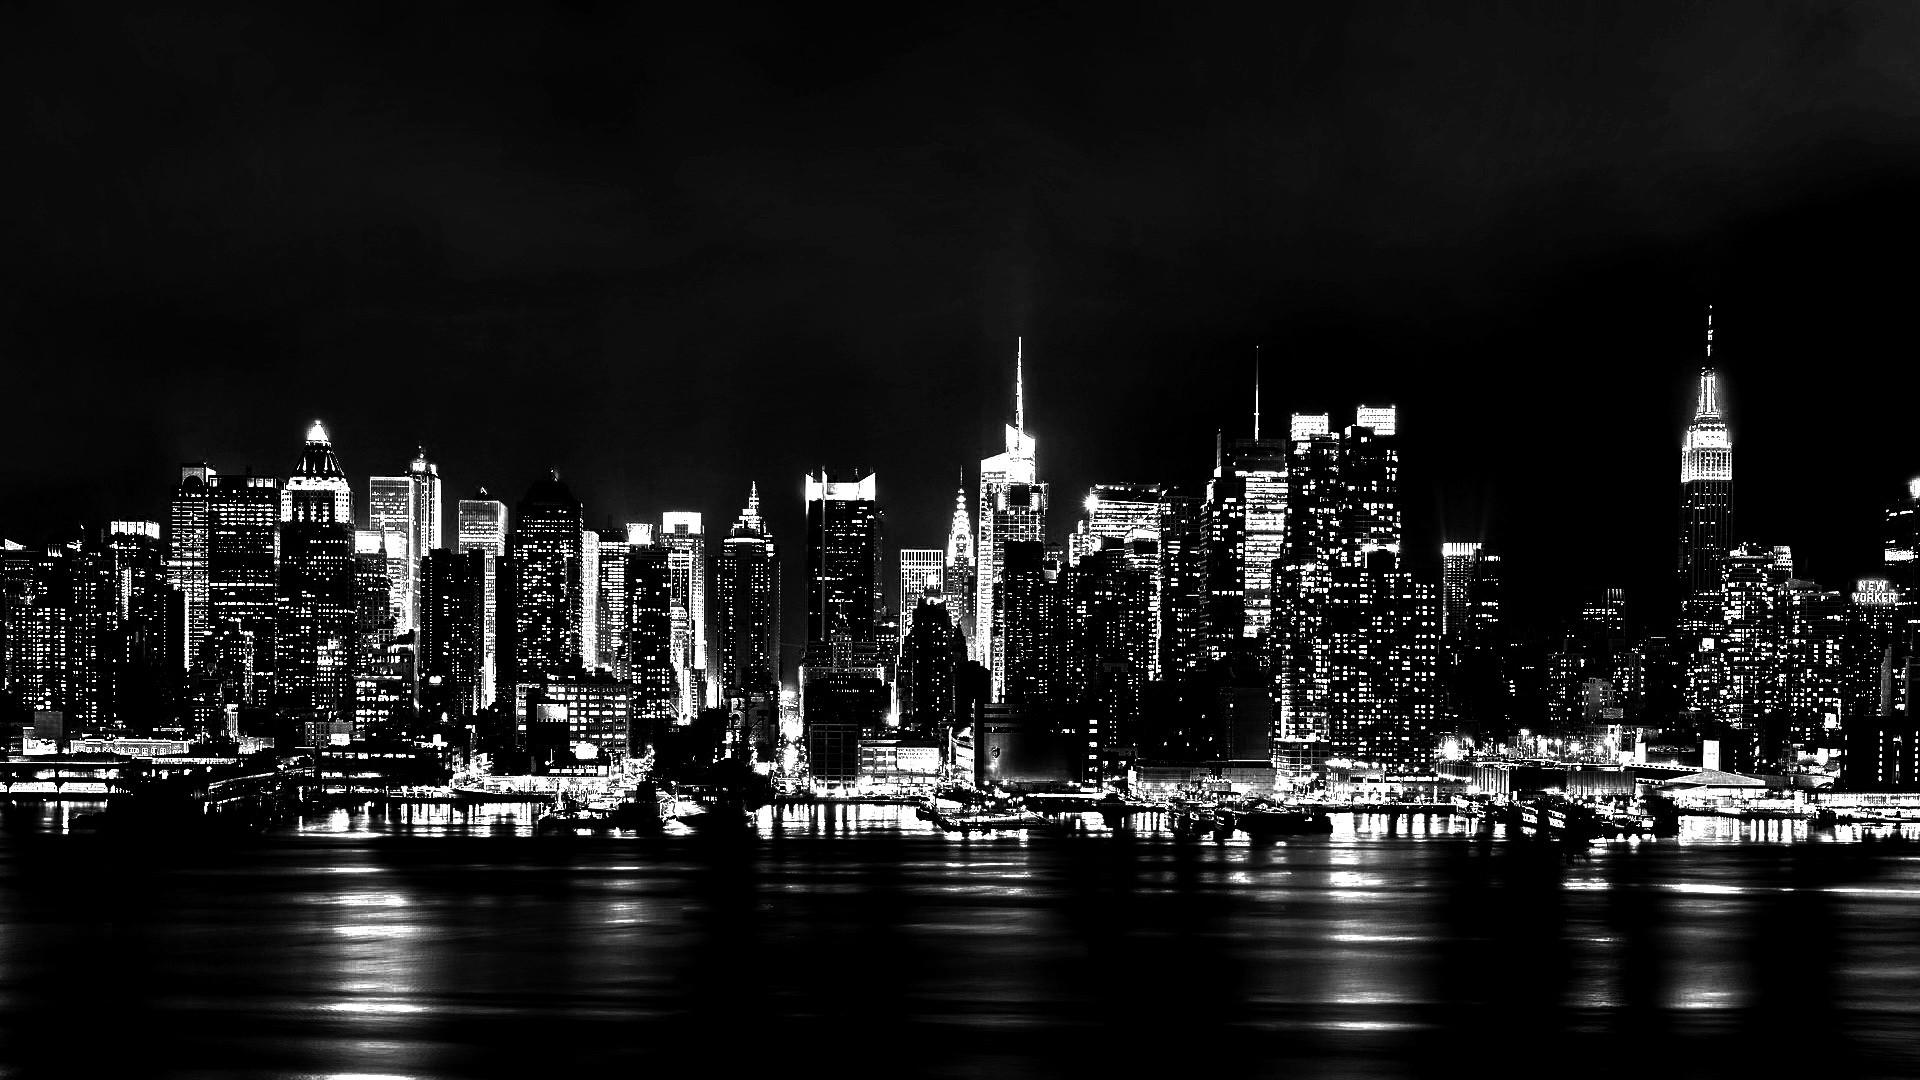 New York Sfondi Notte 64 immagini